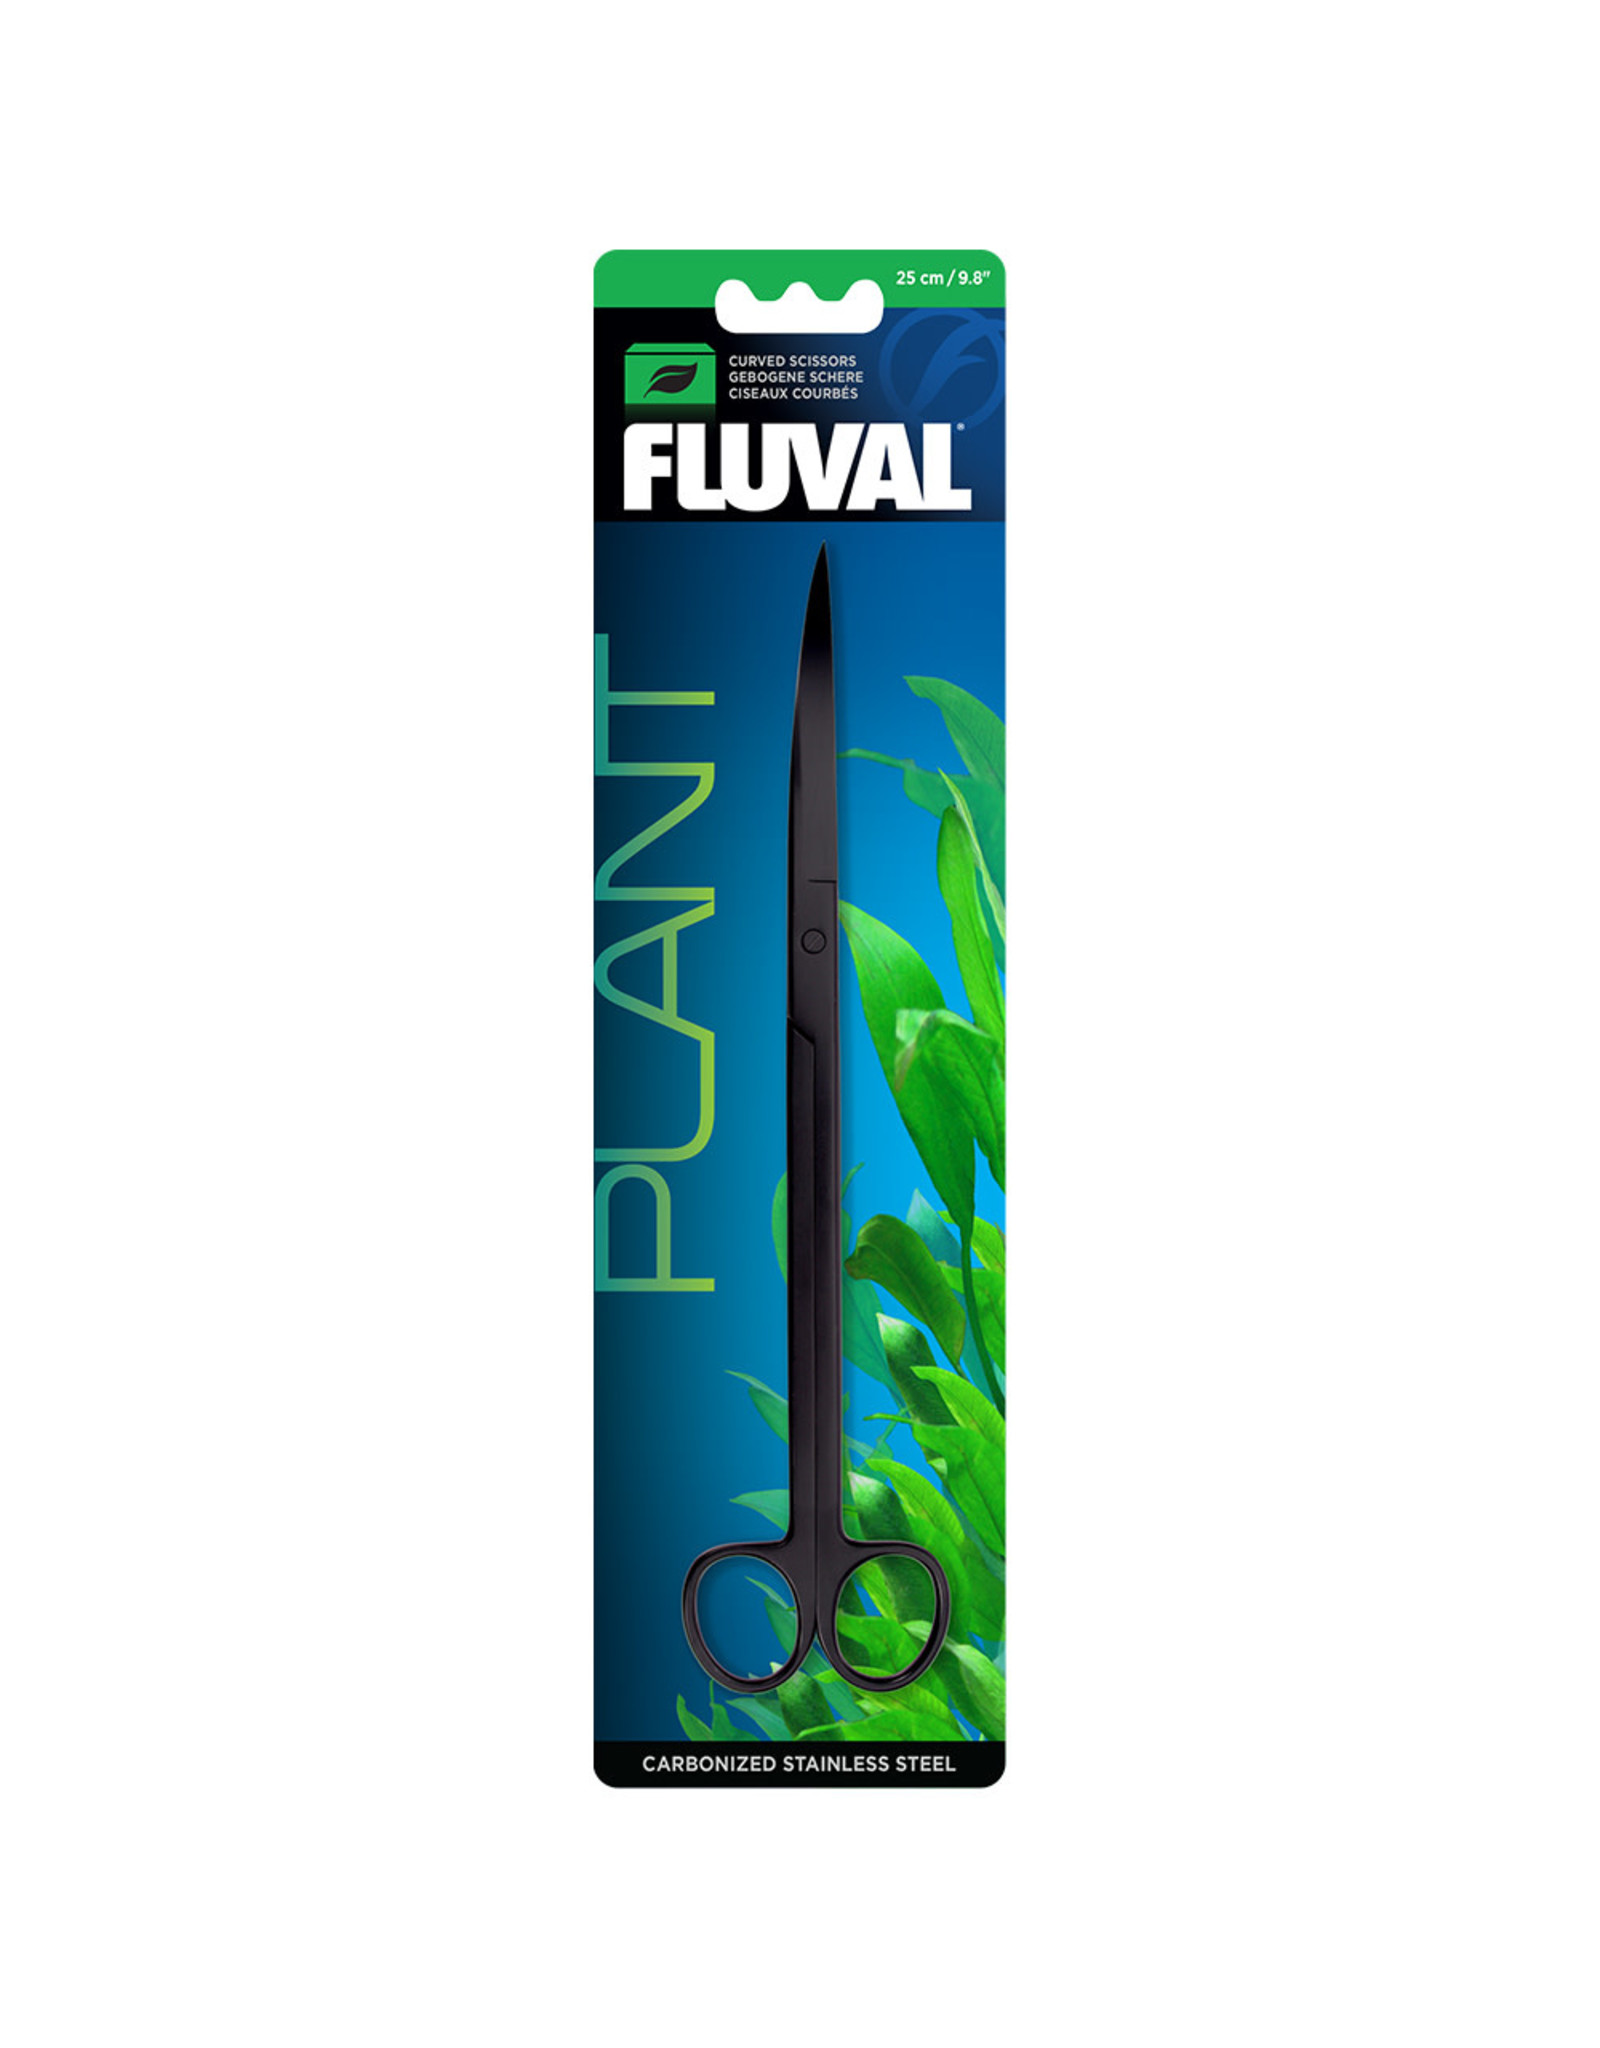 Fluval Fluval Curved Scissors - 25 cm (9.8 in)